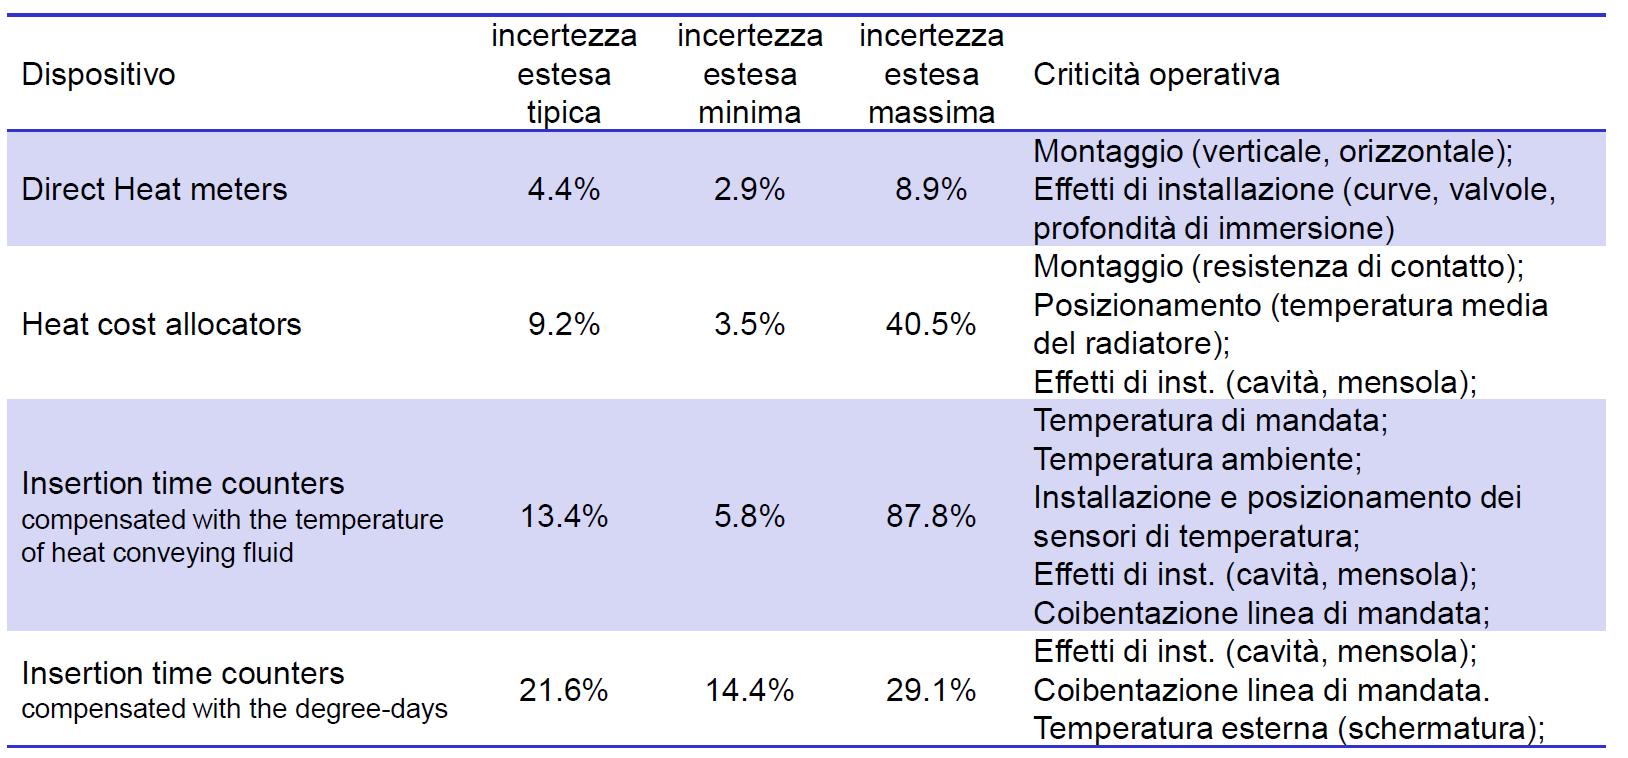 Tabella confronto accuratezze tra diverse tecniche metrologiche di contabilizzazione calore. Il ripartitore calore ha errori tra il 9% ed il 40% (fonte Università di Cassino)